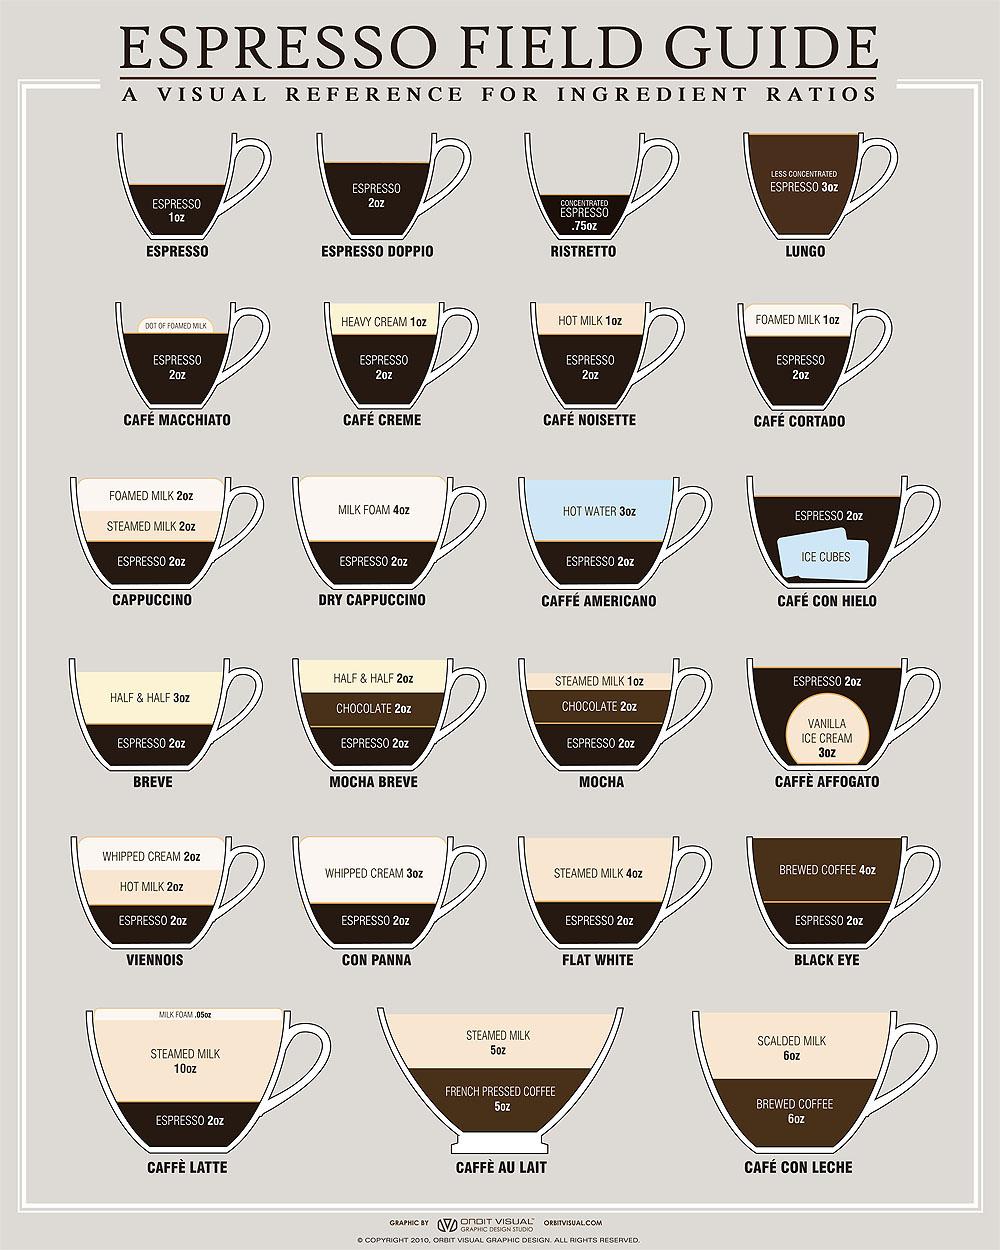 espresso_field_guide_16x20_classico